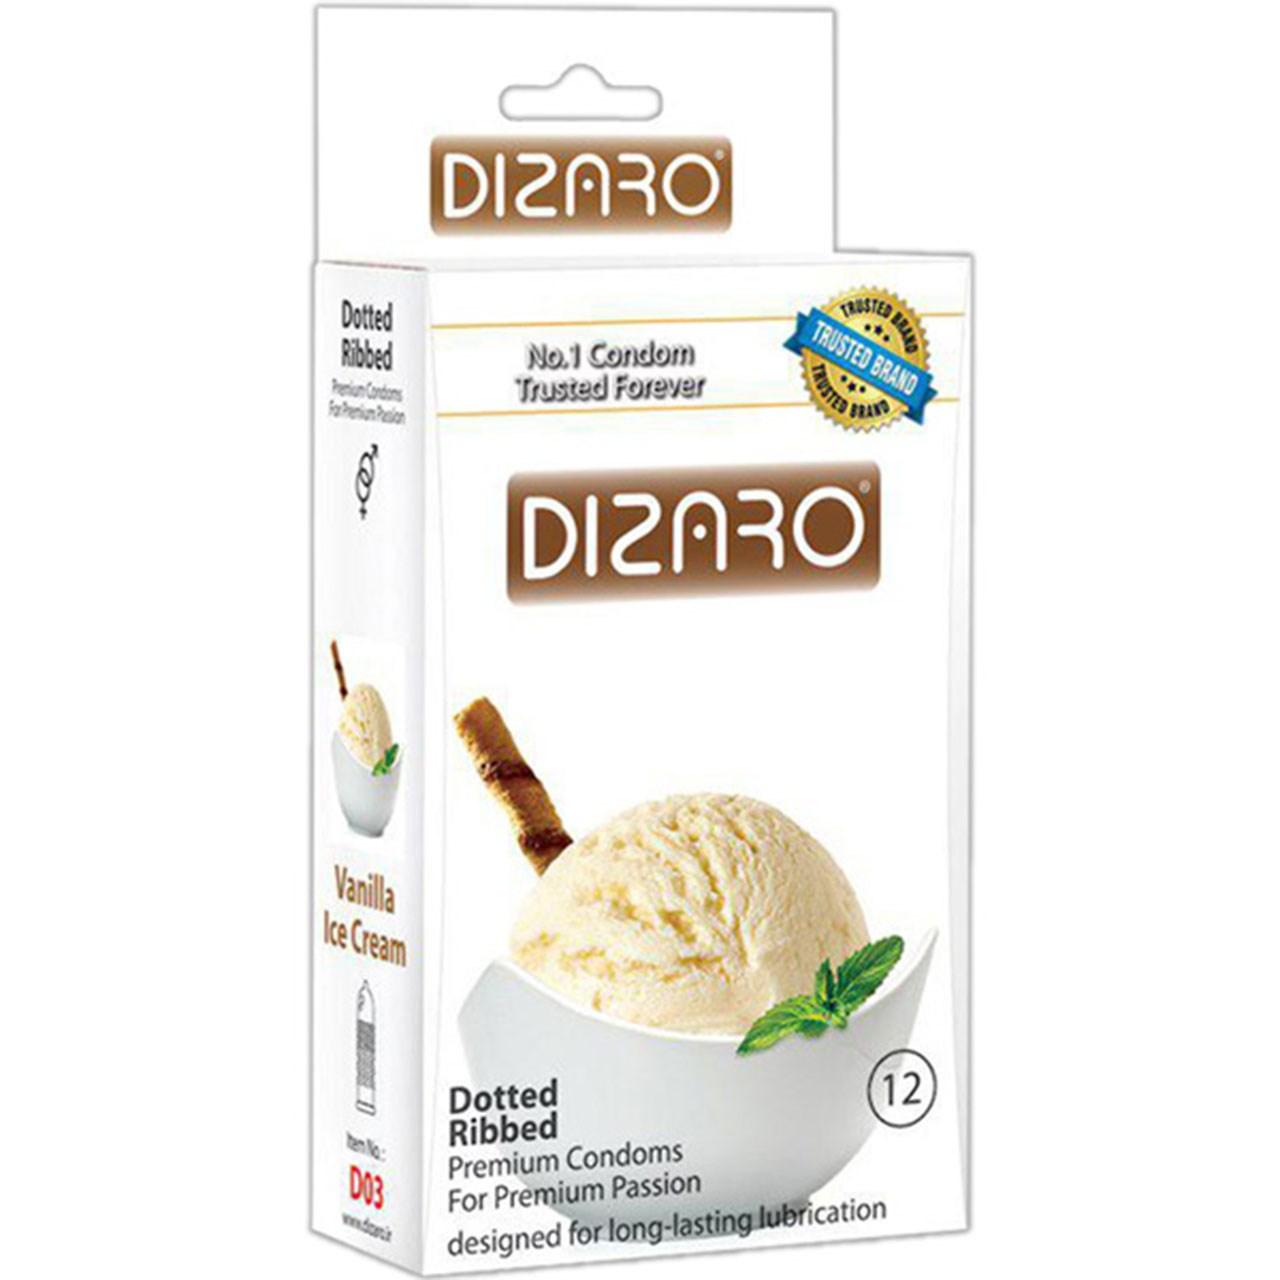 قیمت کاندوم خاردار دیزارو مدل Vanilla Ice Cream بسته 12 عددی